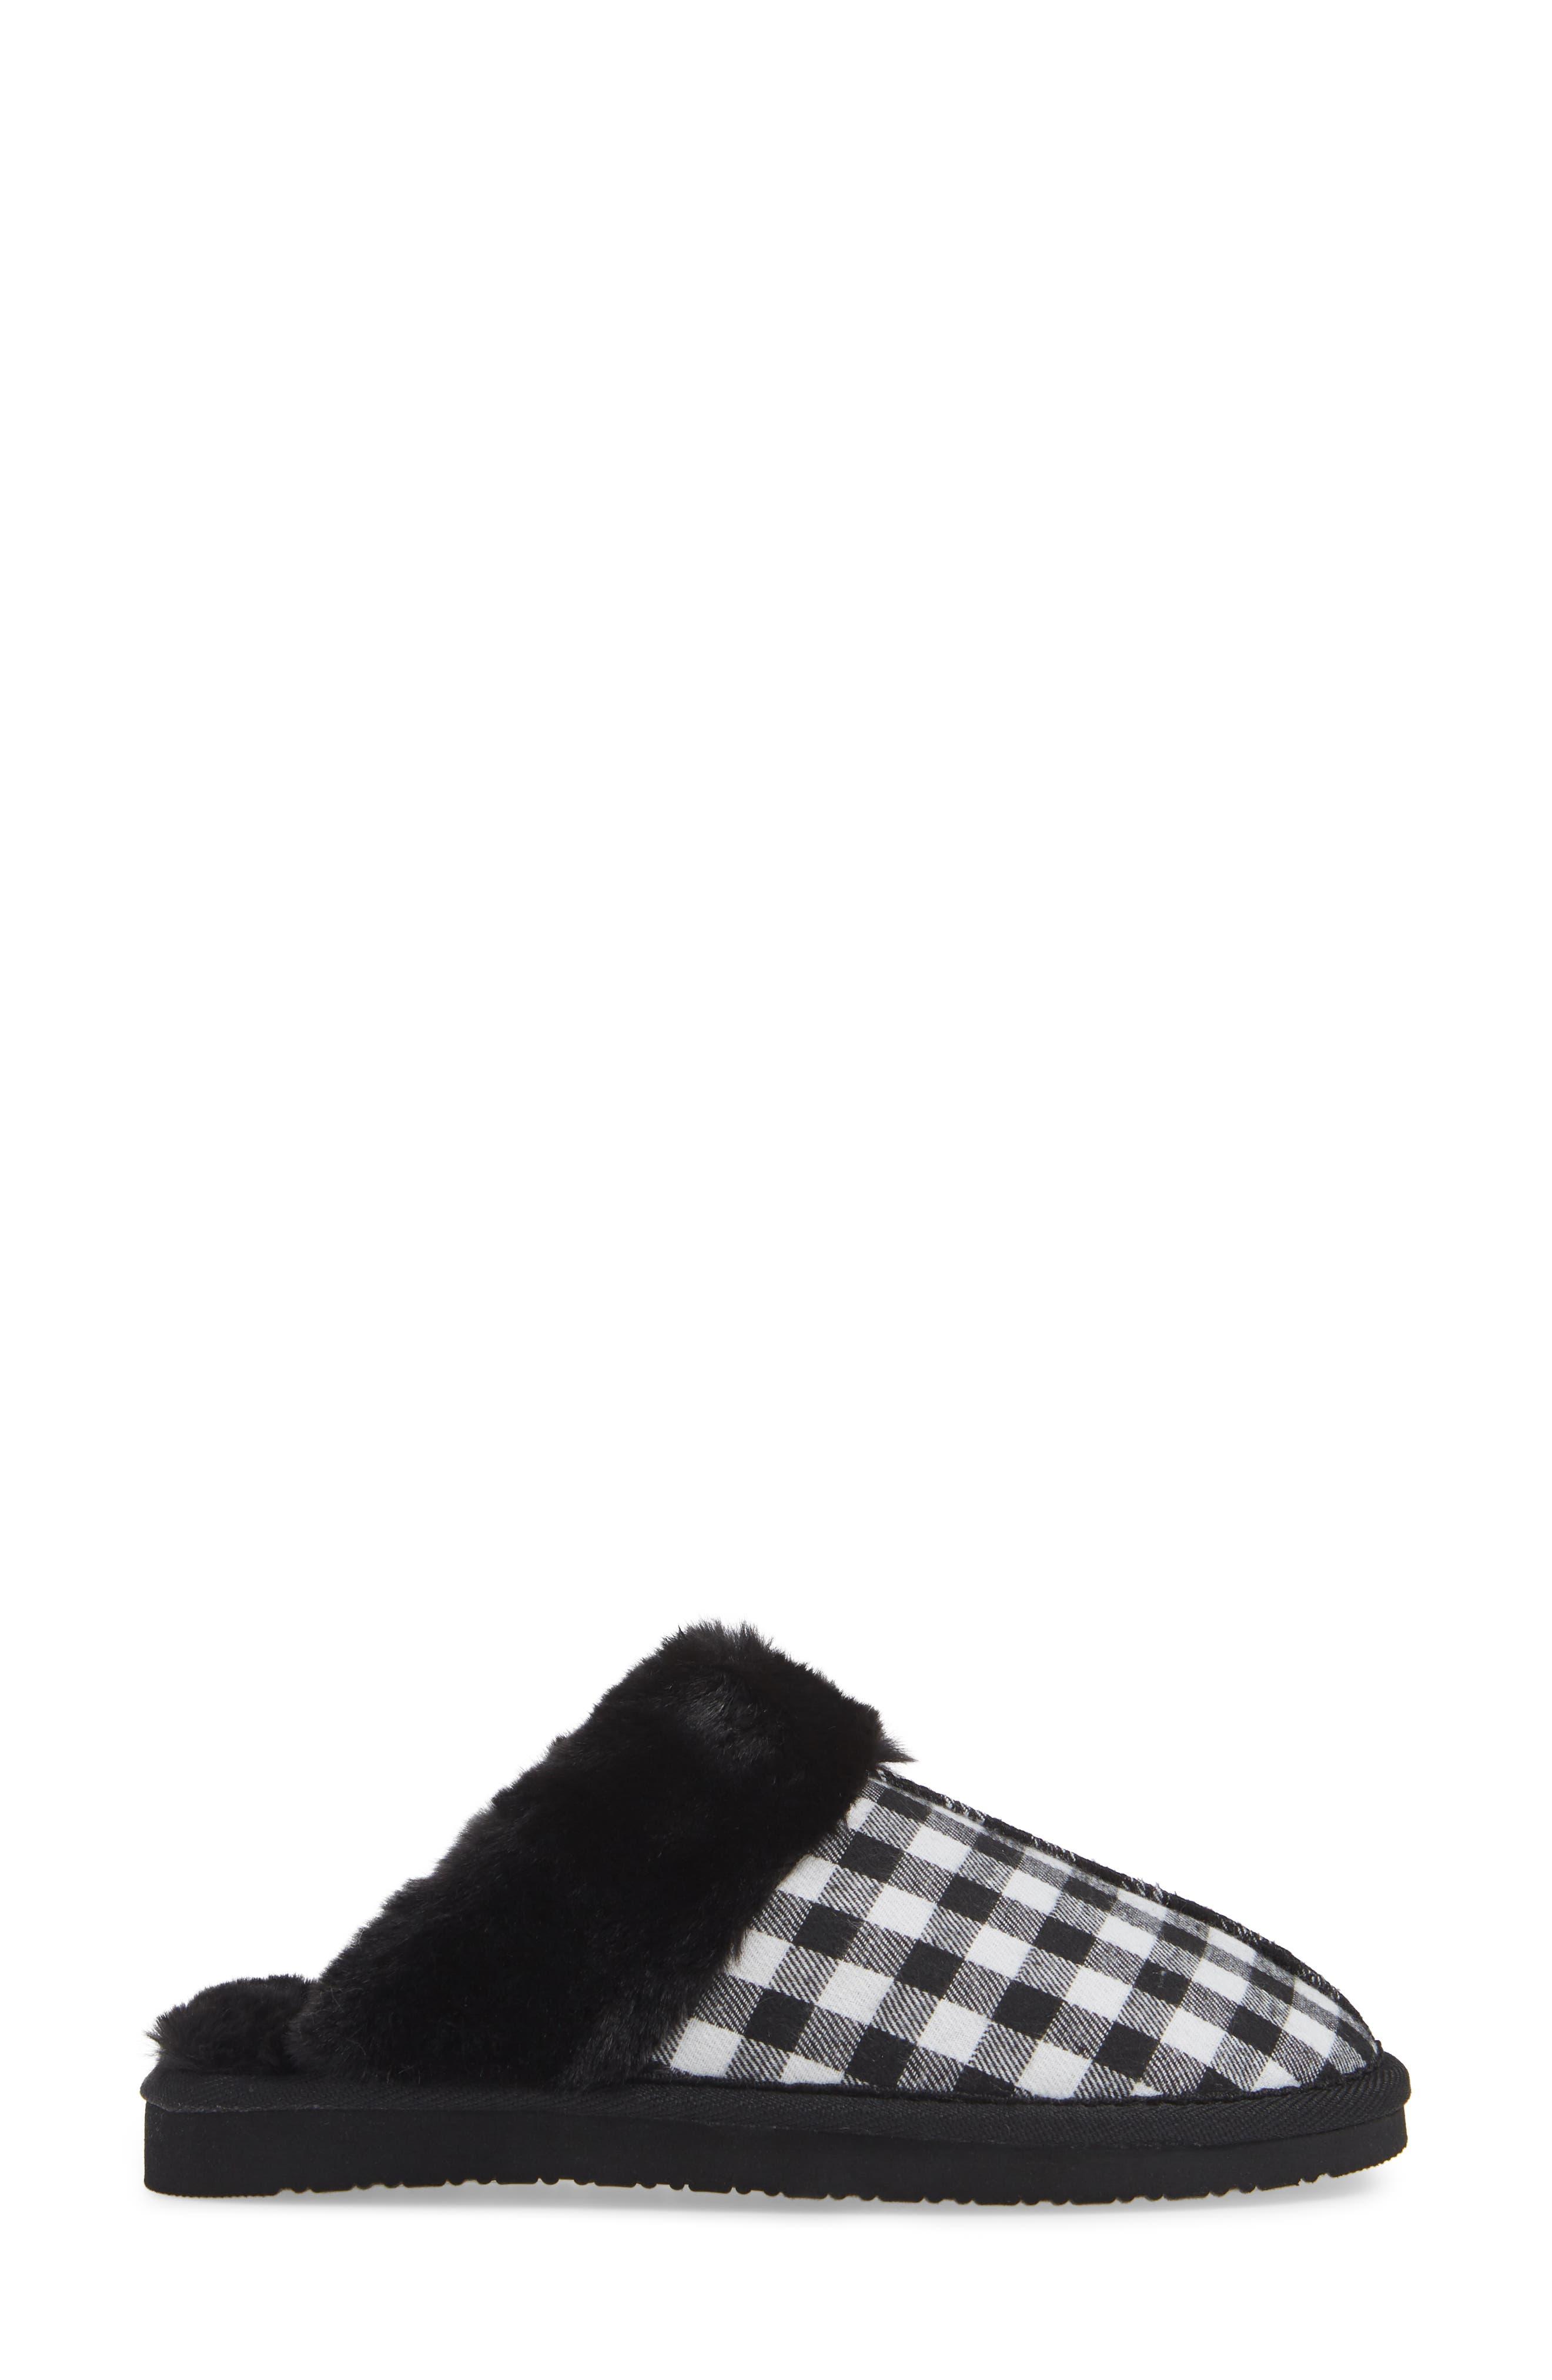 Mule Slipper,                             Alternate thumbnail 3, color,                             BLACK/ WHITE PLAID FABRIC